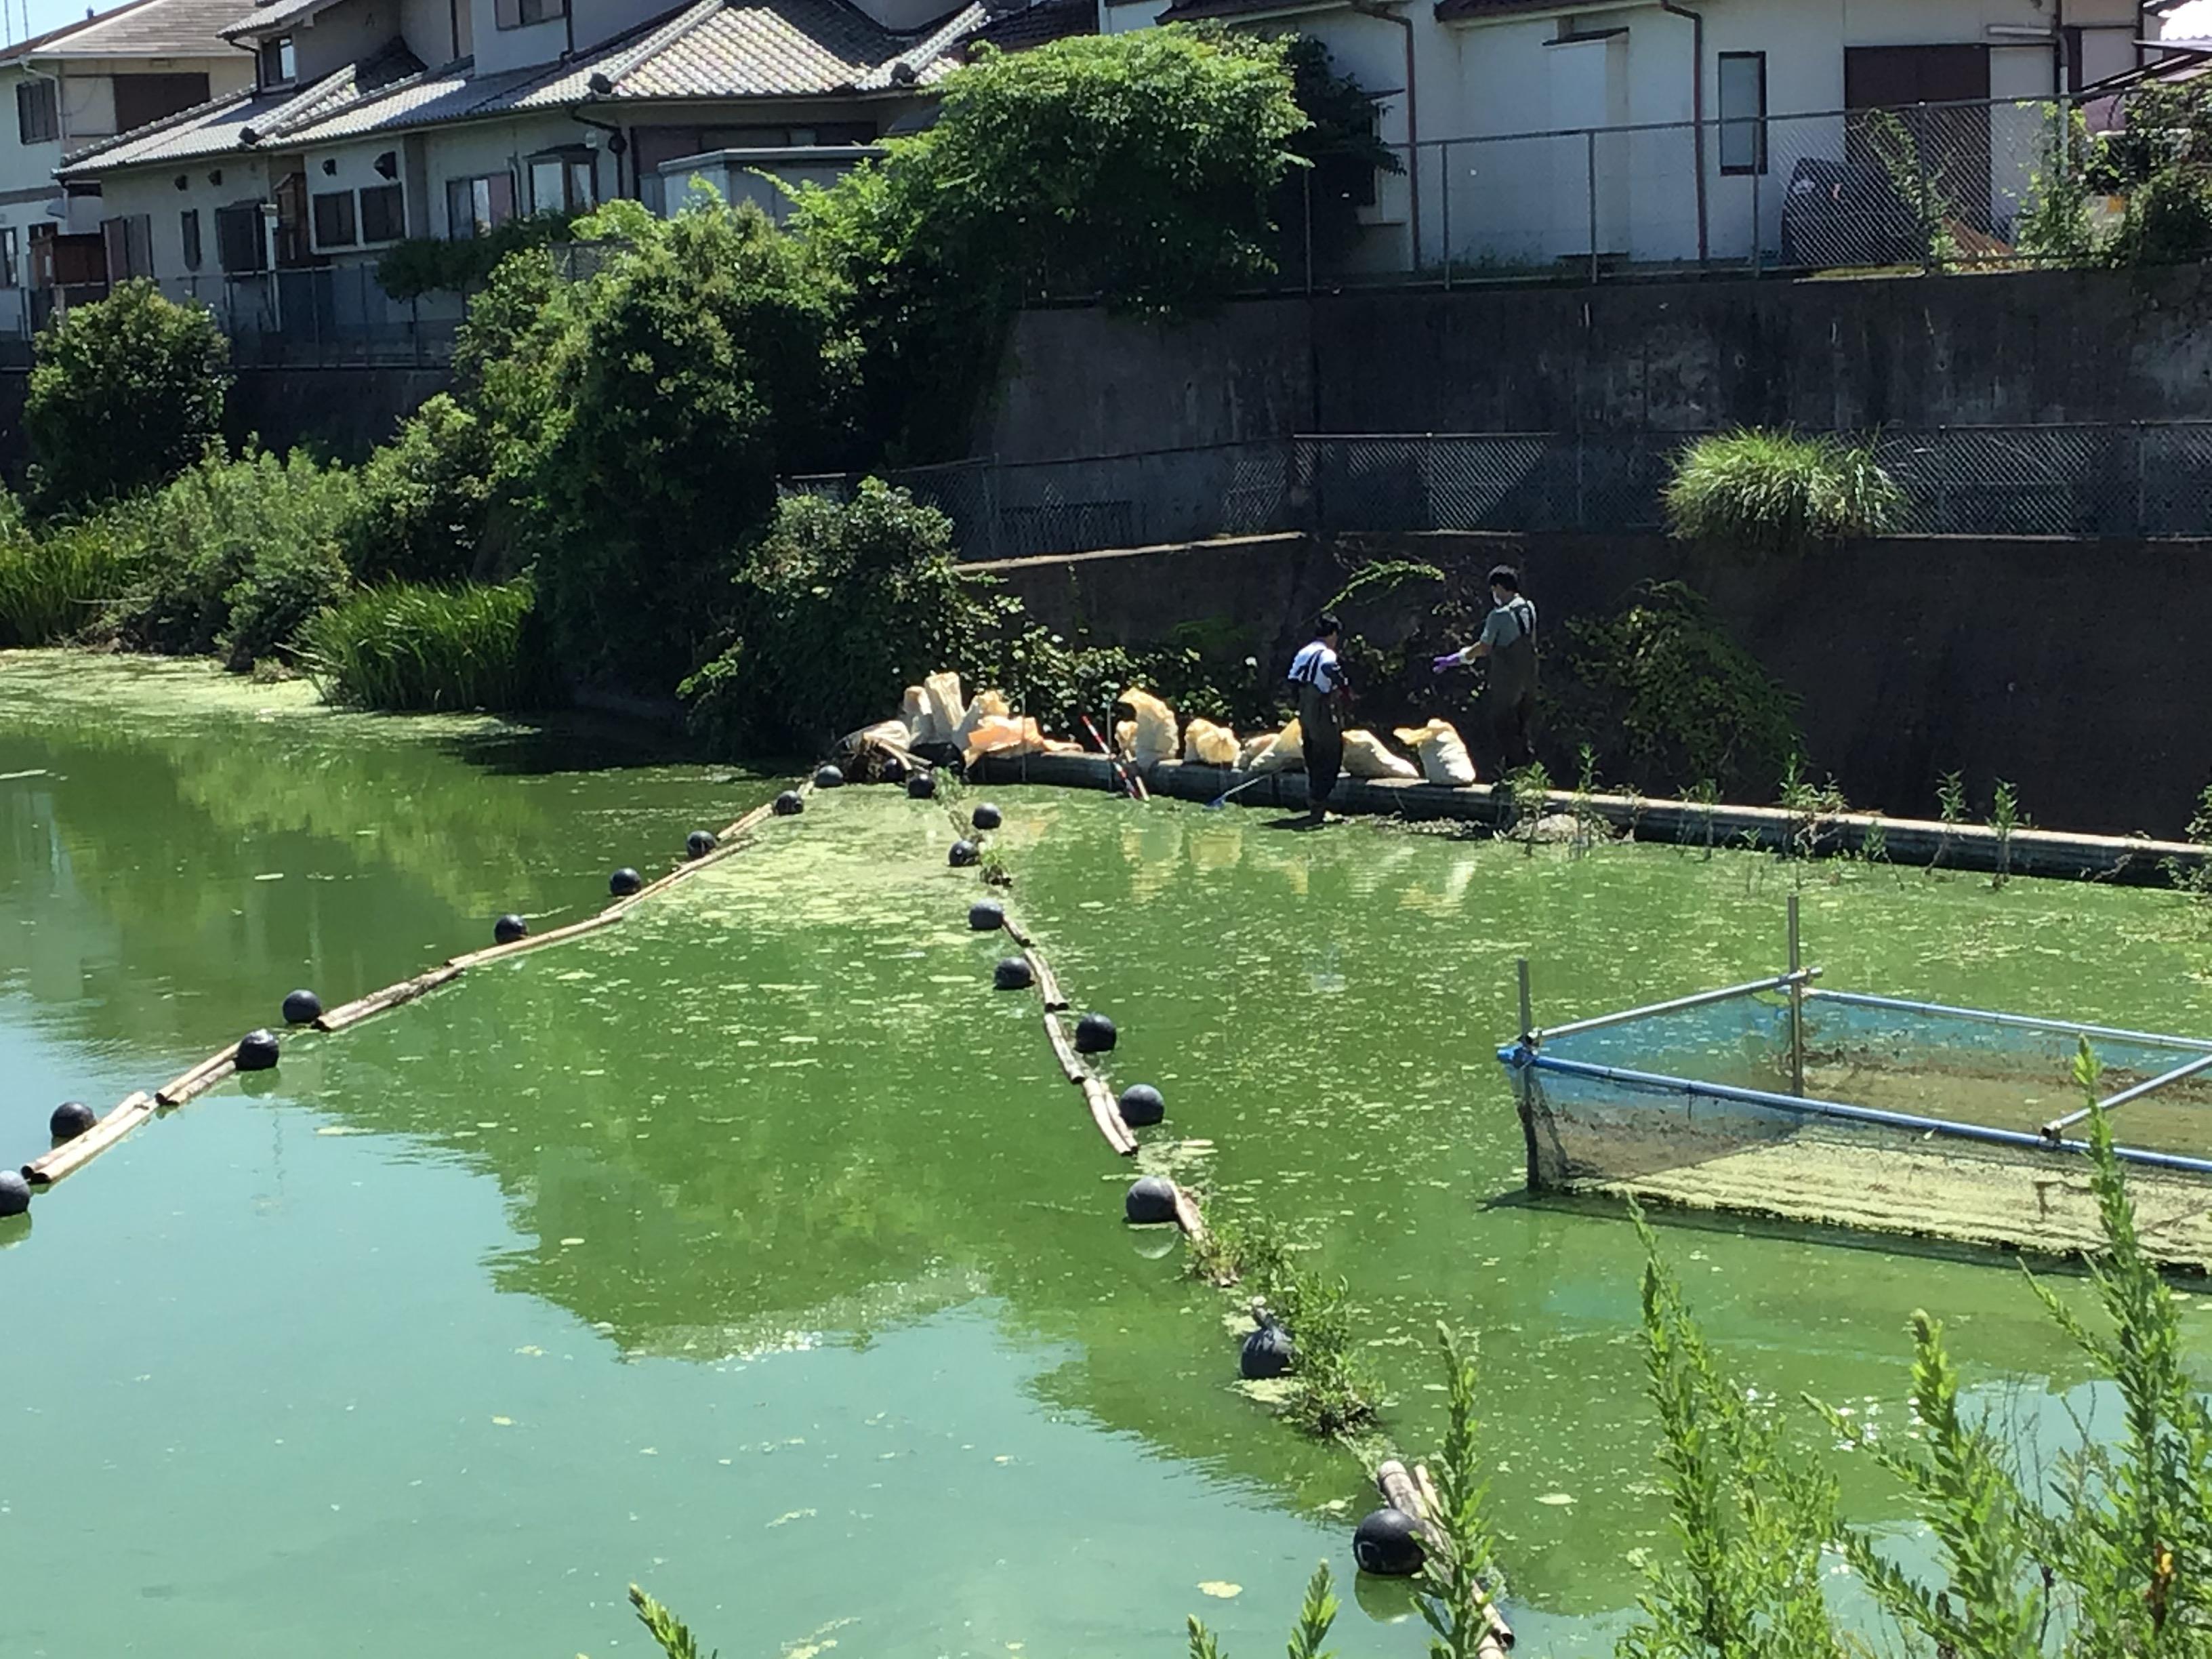 洪水吐き(こうずいばき)とは、ため池の水の排水口の所です。写真の土のう袋のの向こうは奈落の底の様に落ちてます。危険。